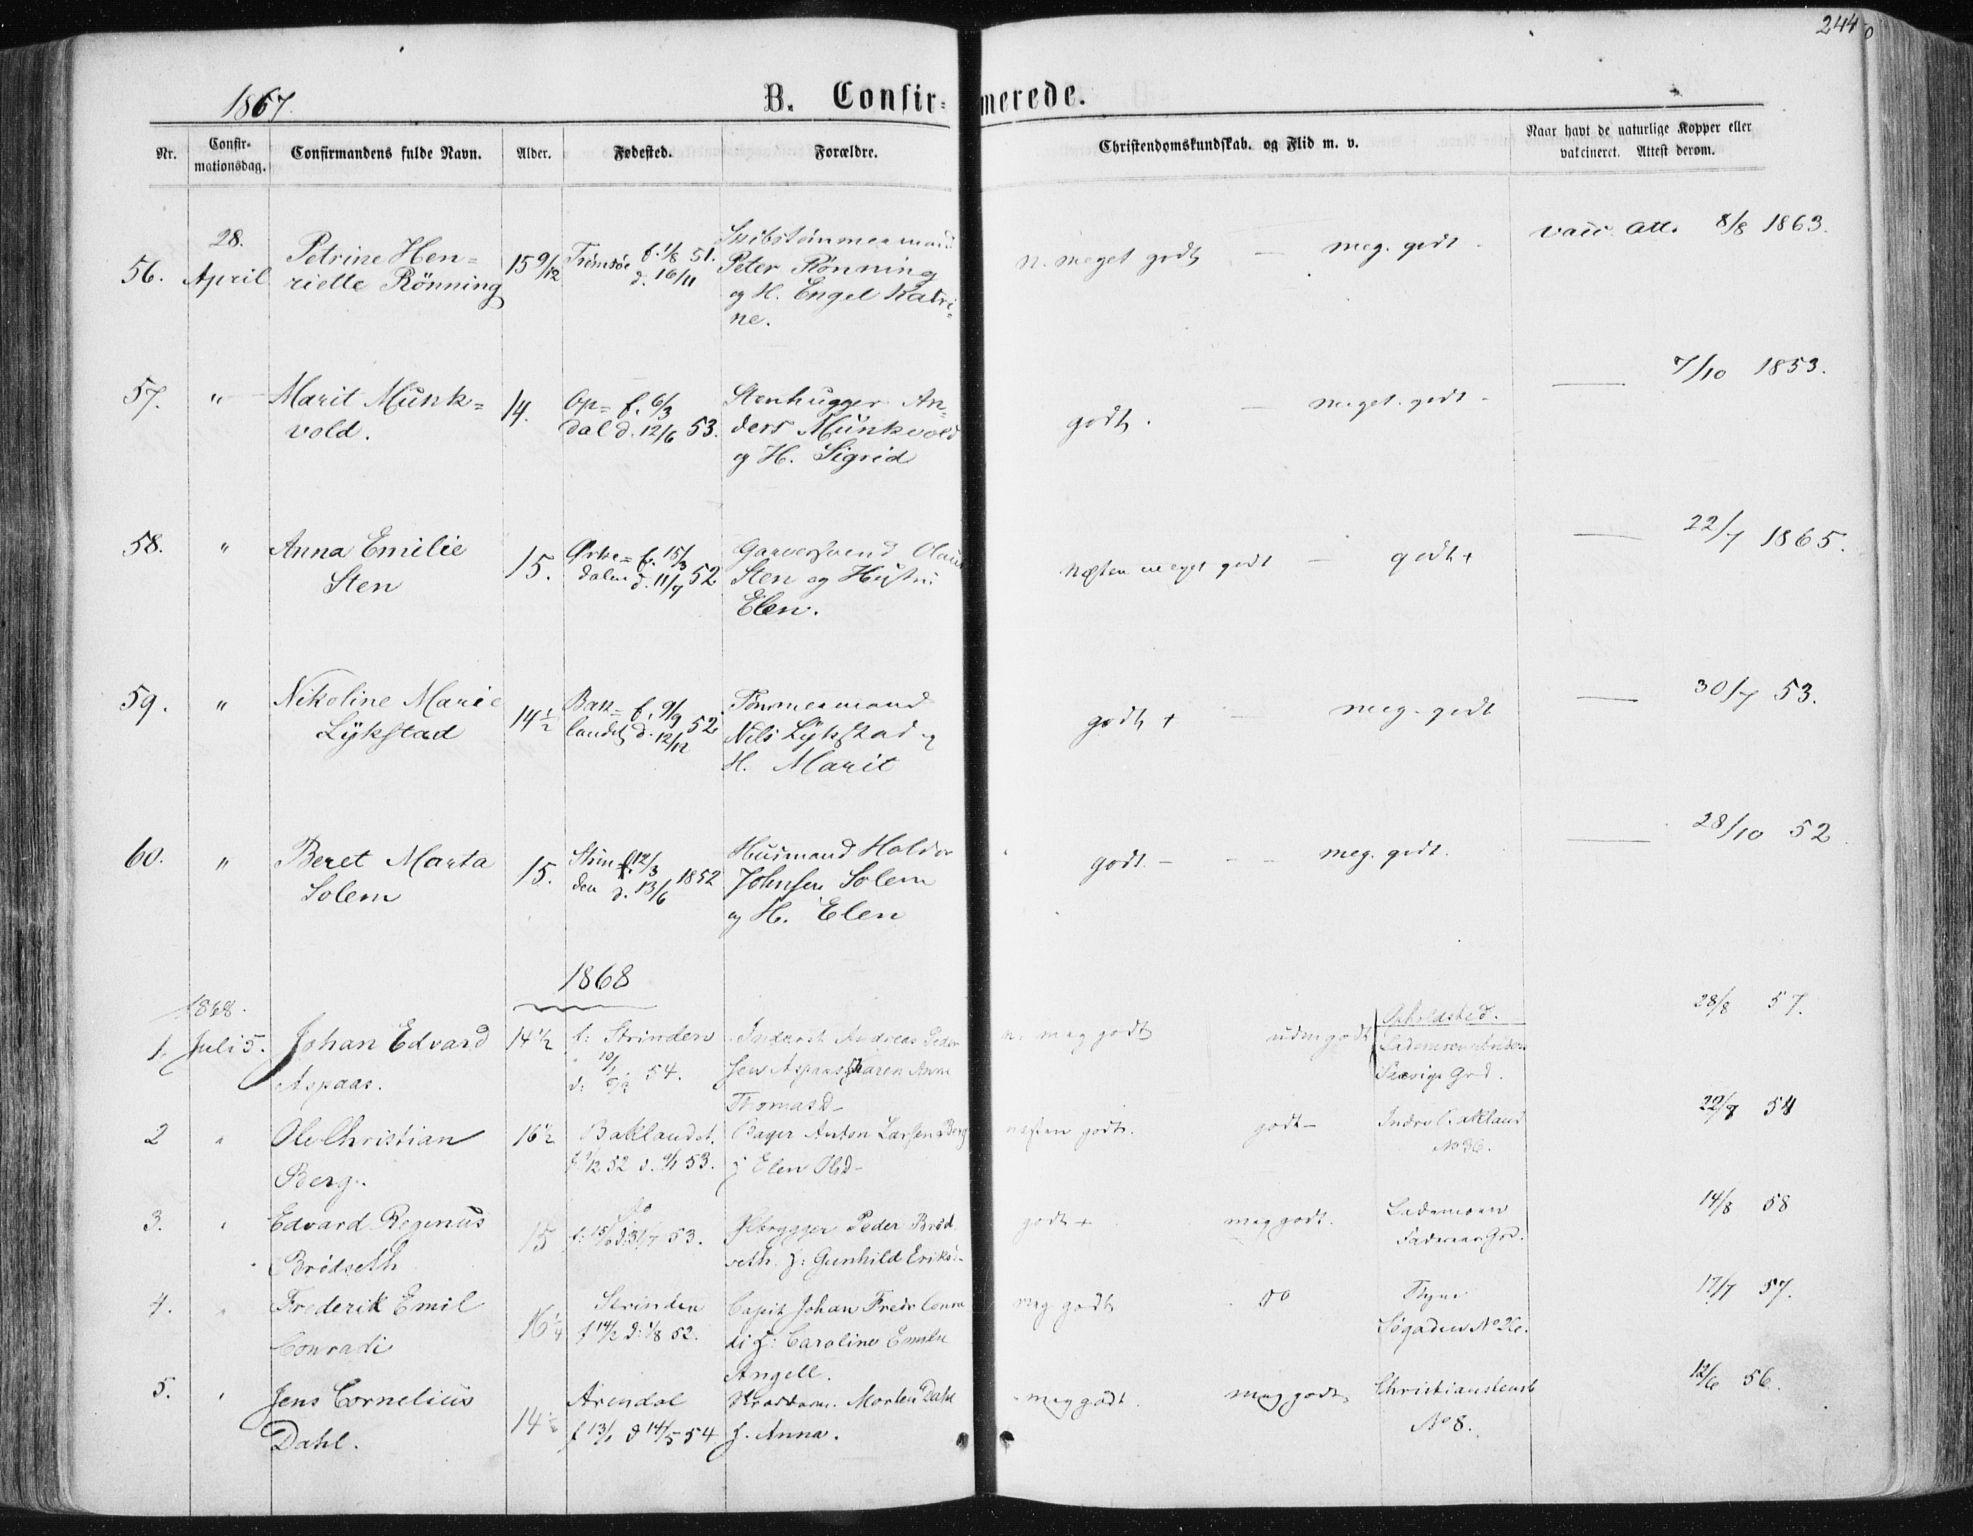 SAT, Ministerialprotokoller, klokkerbøker og fødselsregistre - Sør-Trøndelag, 604/L0186: Ministerialbok nr. 604A07, 1866-1877, s. 244